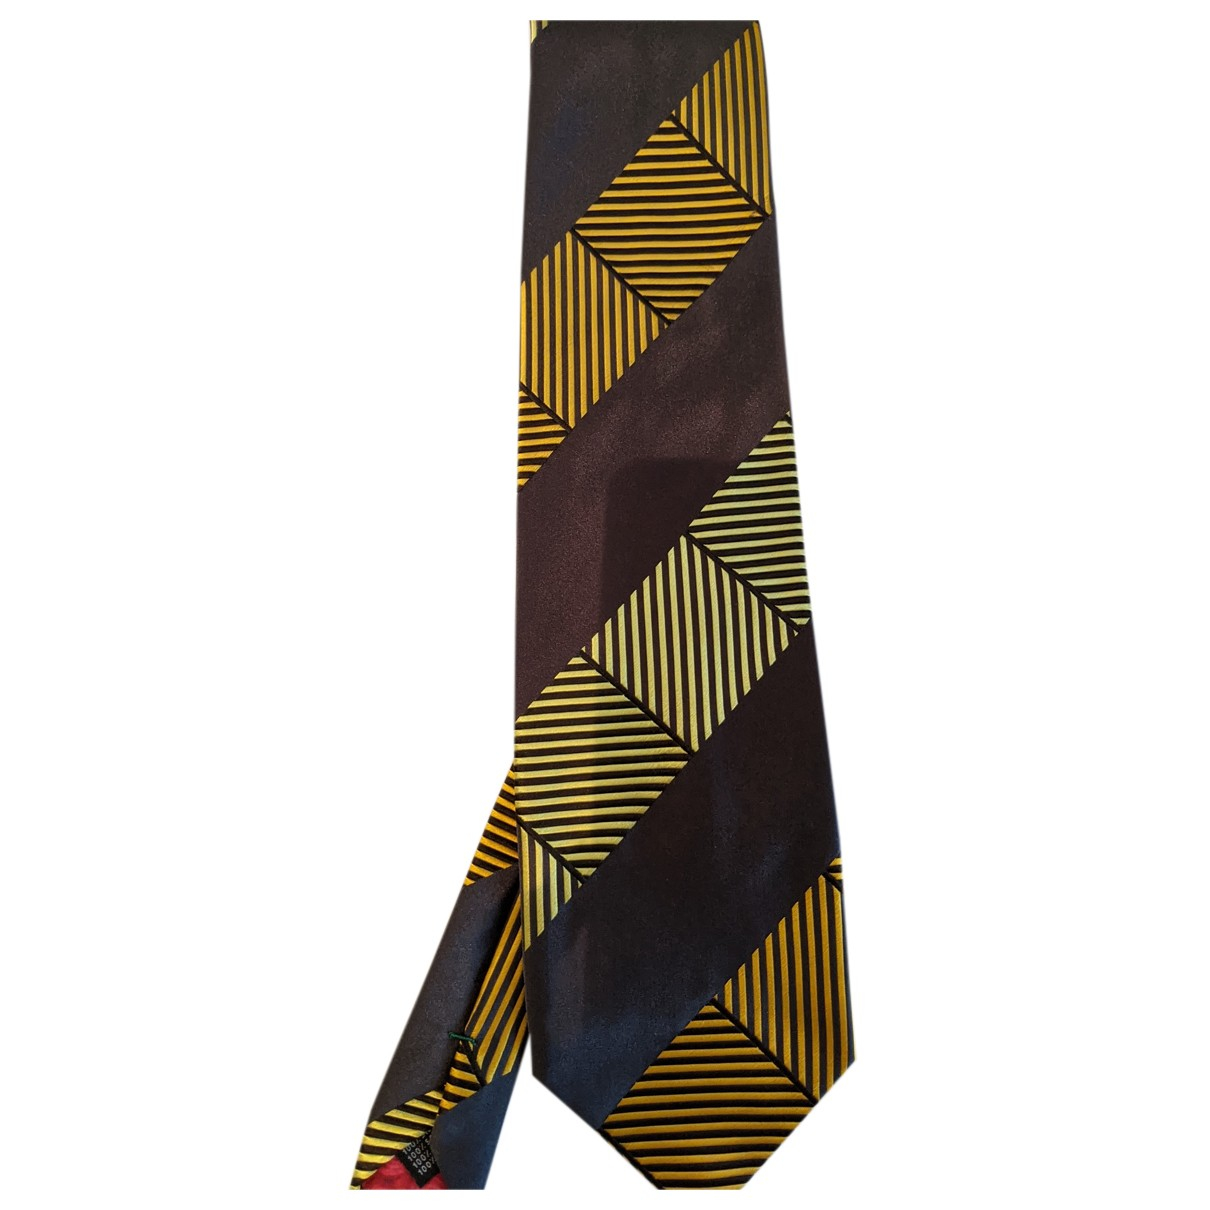 Paul Smith - Cravates   pour homme en soie - anthracite